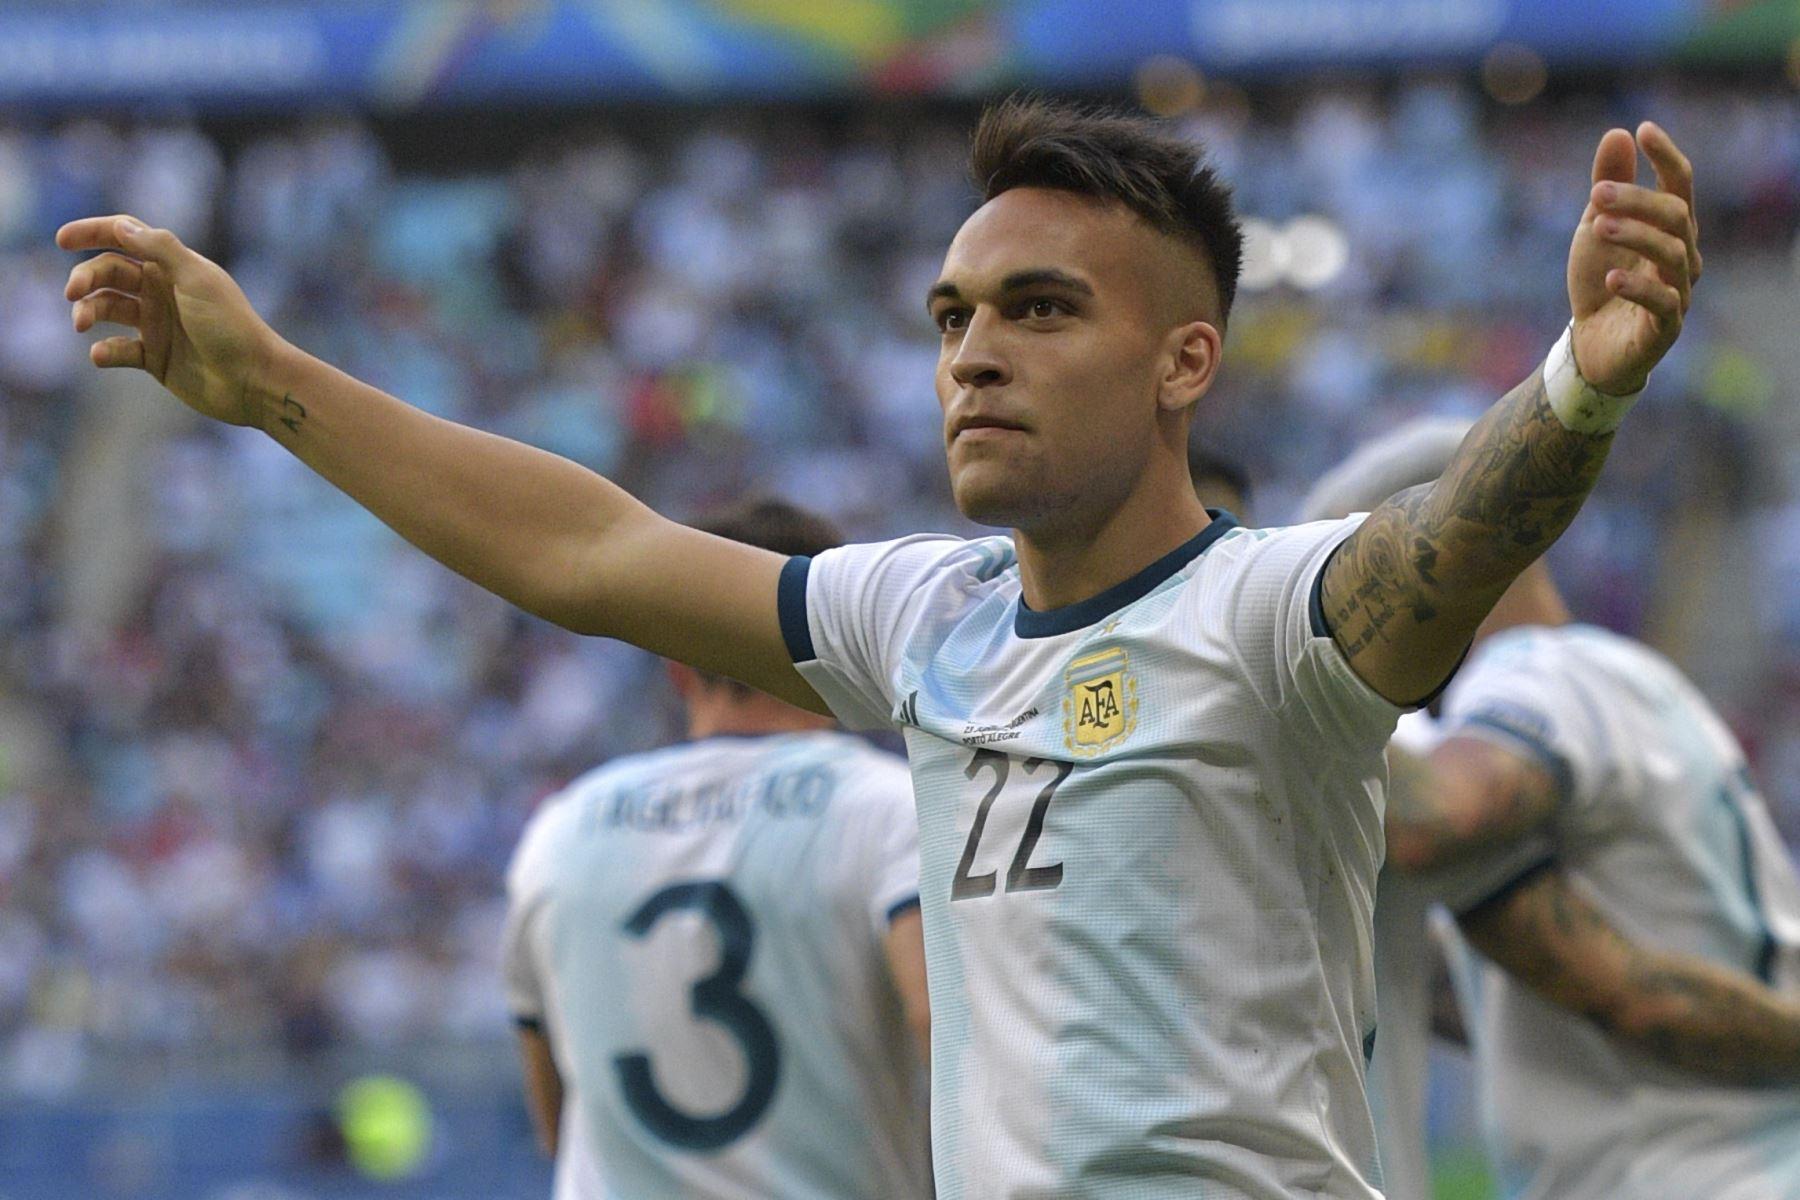 Lautaro Martínez, de Argentina, celebra después de marcar contra Qatar durante su partido de torneo de fútbol de la Copa América 2019. Foto: AFP